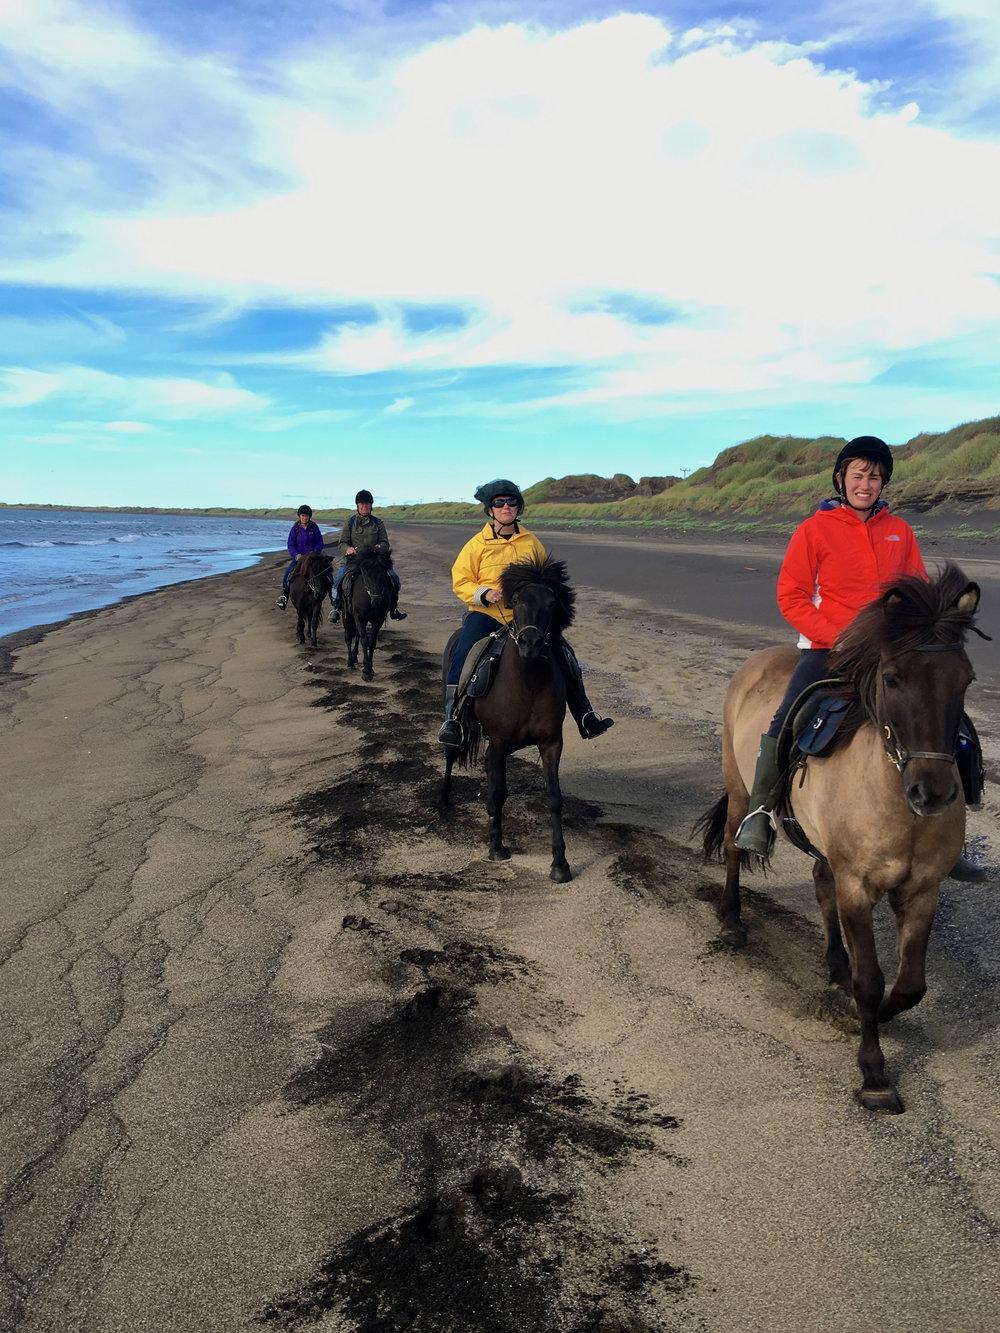 teri_horsebackriding+_Iceland_spiritedtable_photo5.jpg